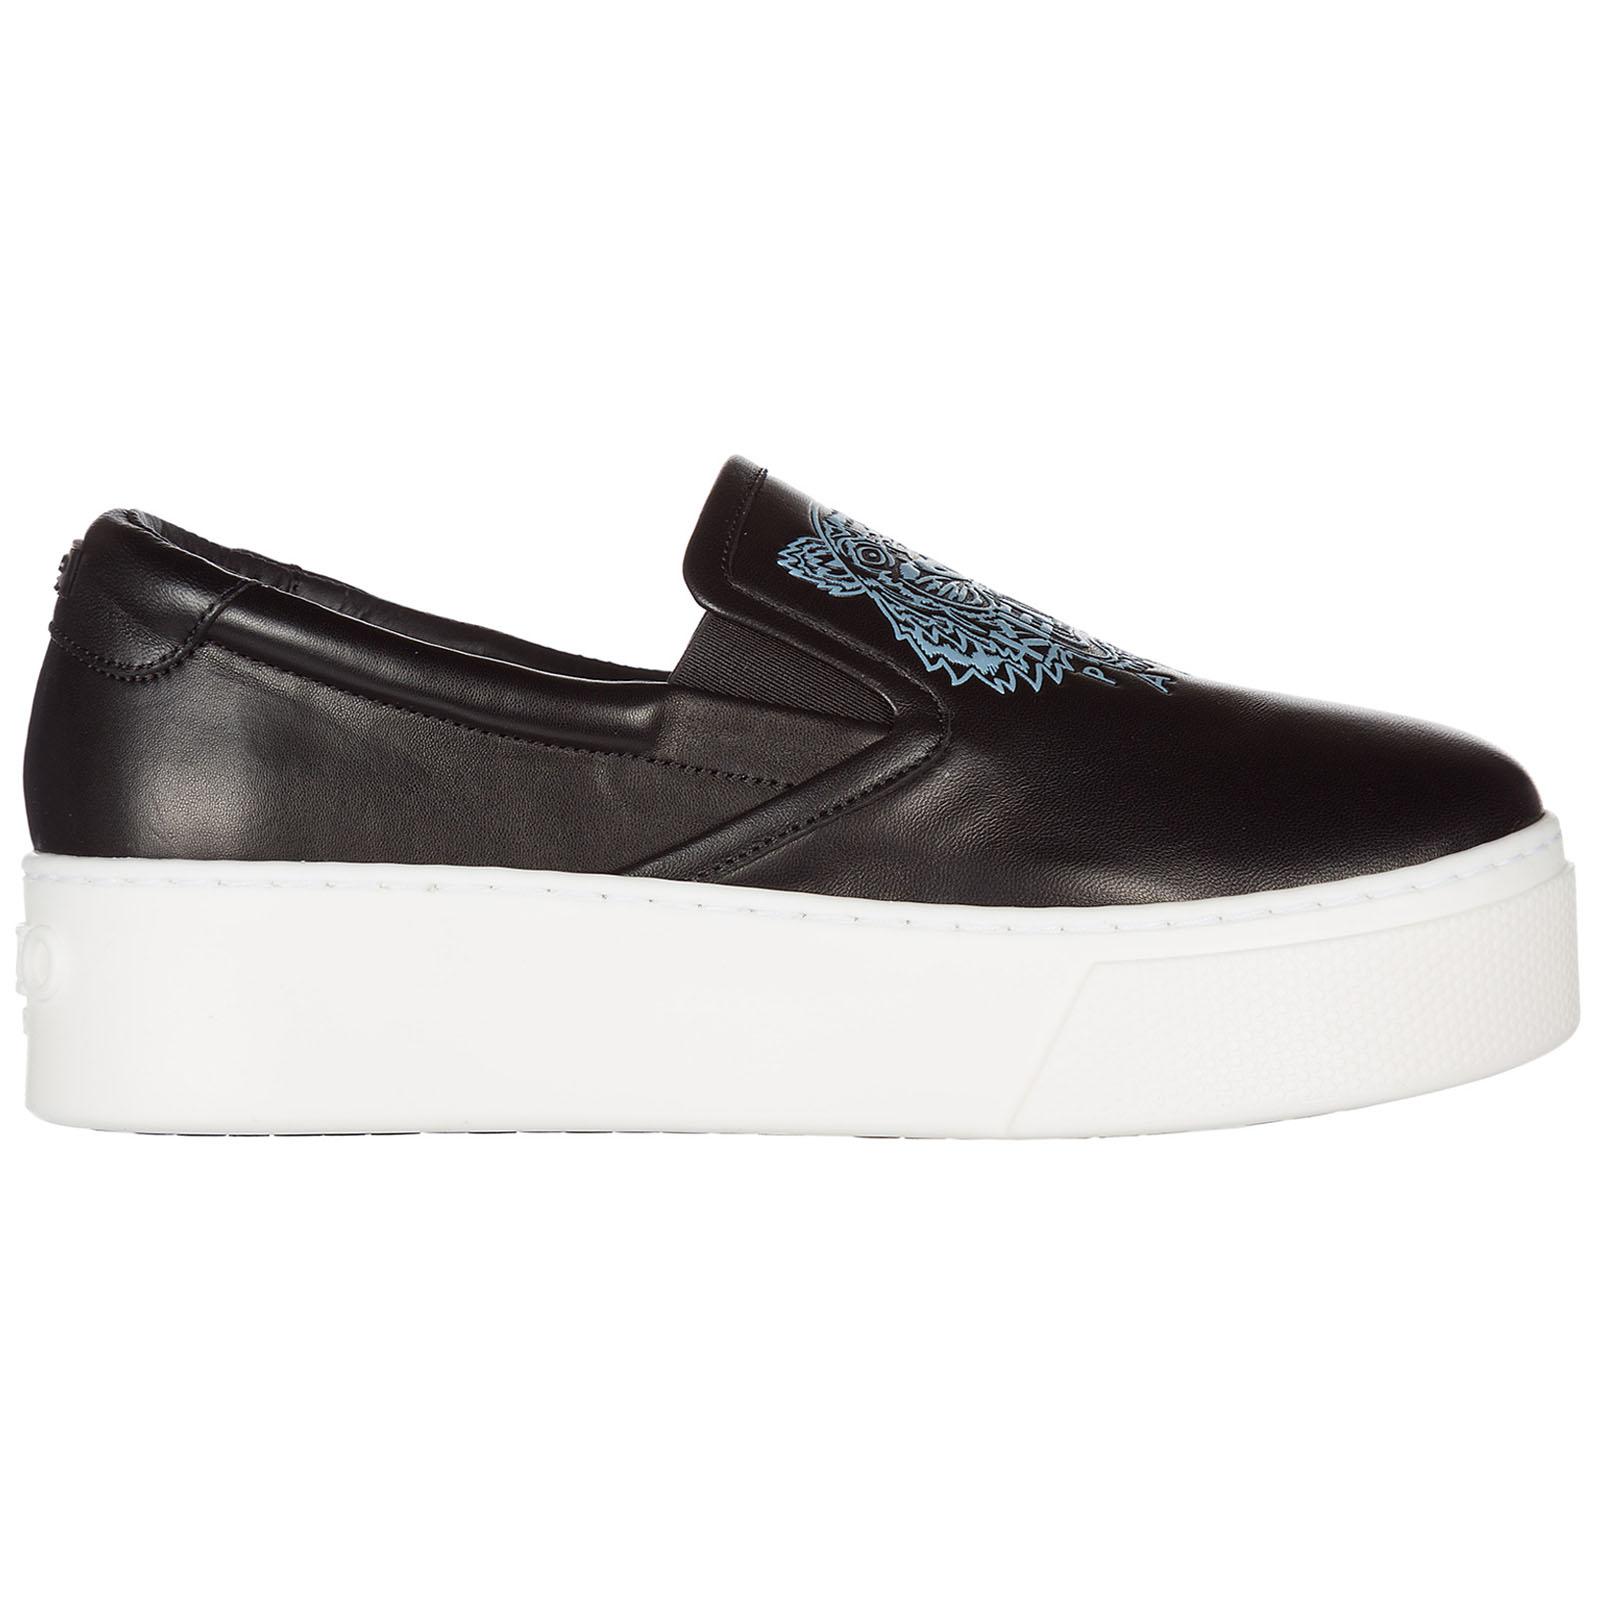 Kenzo Damen Leder Slip on Slipper Sneakers Schwarz EU 38 F762SL490L5099 EwKBPgfpof